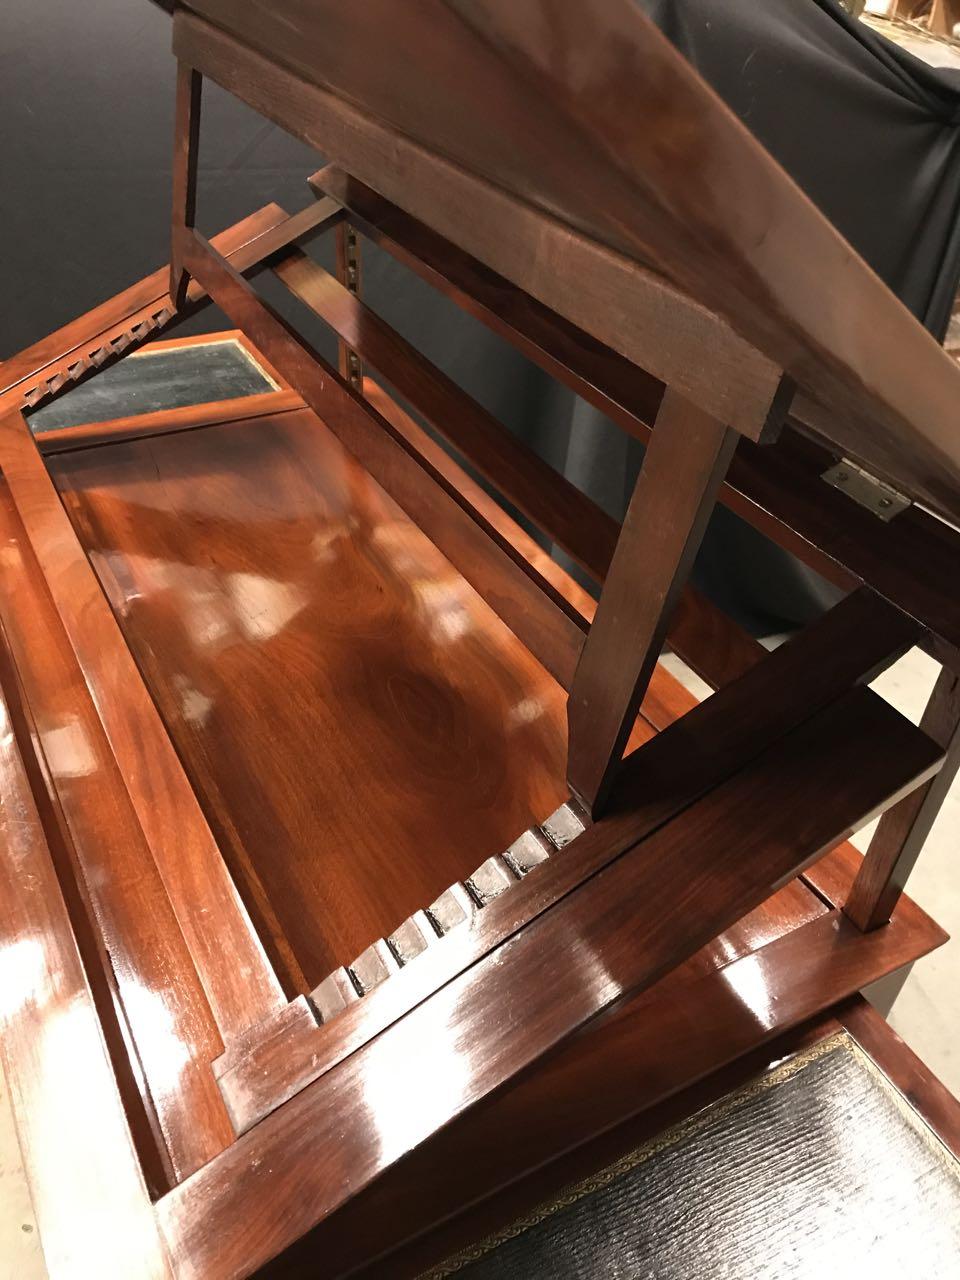 table dArchitecte dite à la Tronchin Epoque Louis XVI de forme rectangulaire en acajou et placage dacajou 6Atelier Patrice Bricout Marcq en Baroeul | Atelier Patrice Bricout